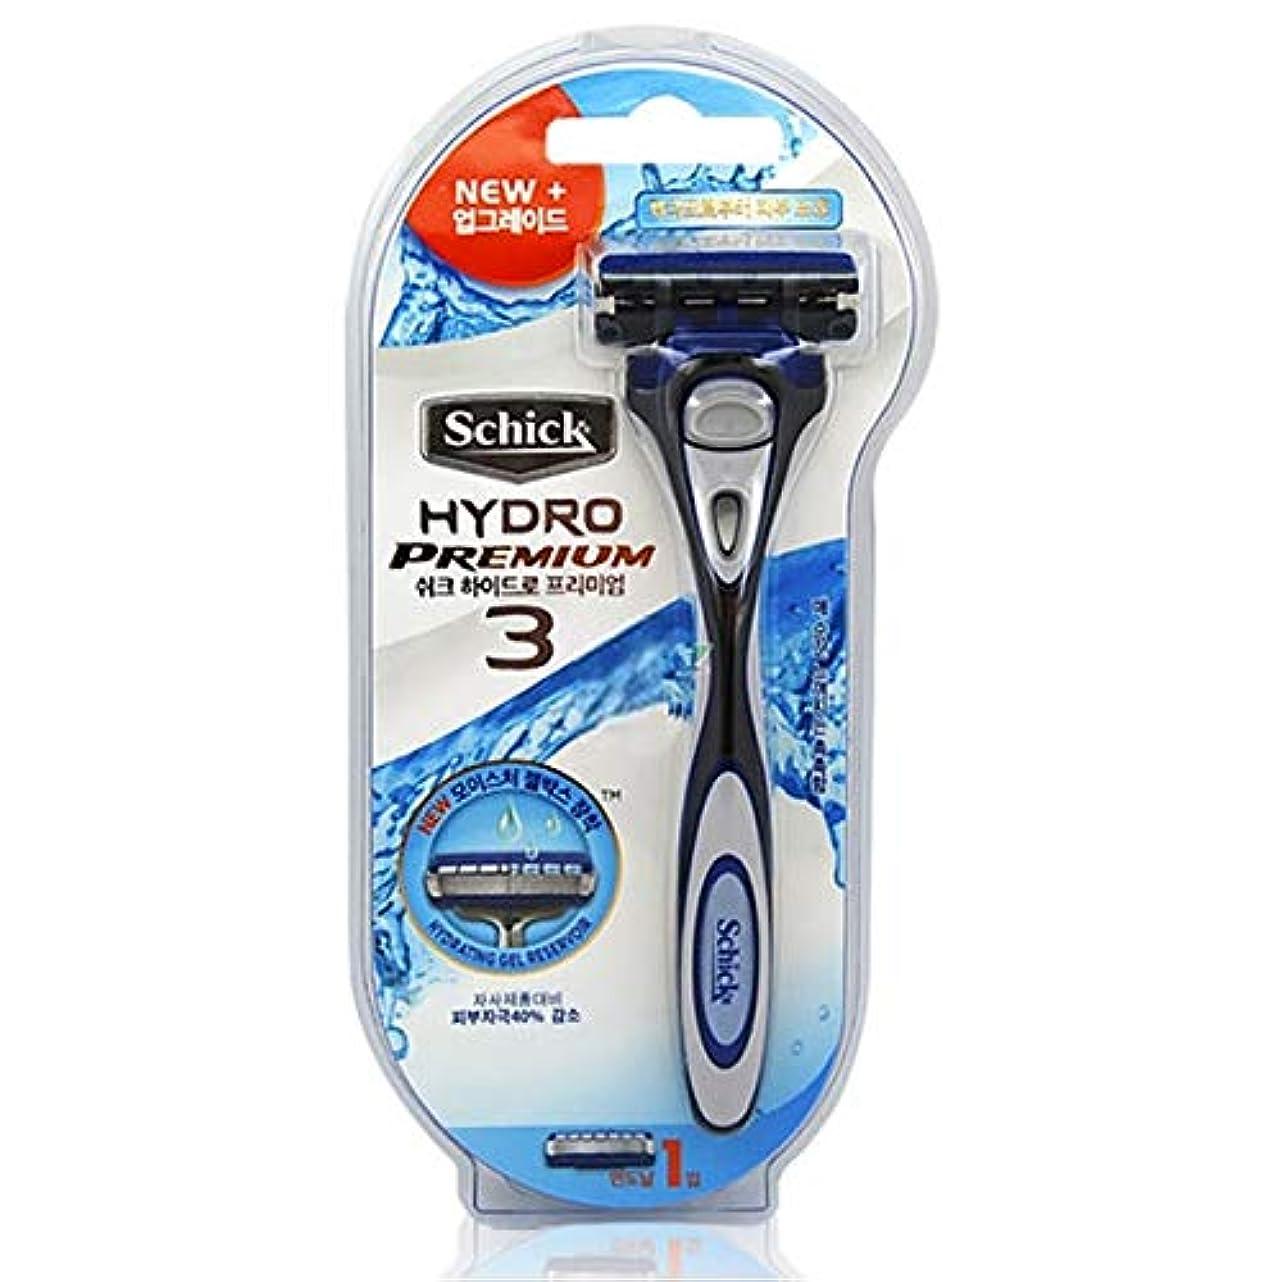 災難兵士嫉妬Schick Hydro 3 Shaving Razor with 1 カートリッジ [並行輸入品]